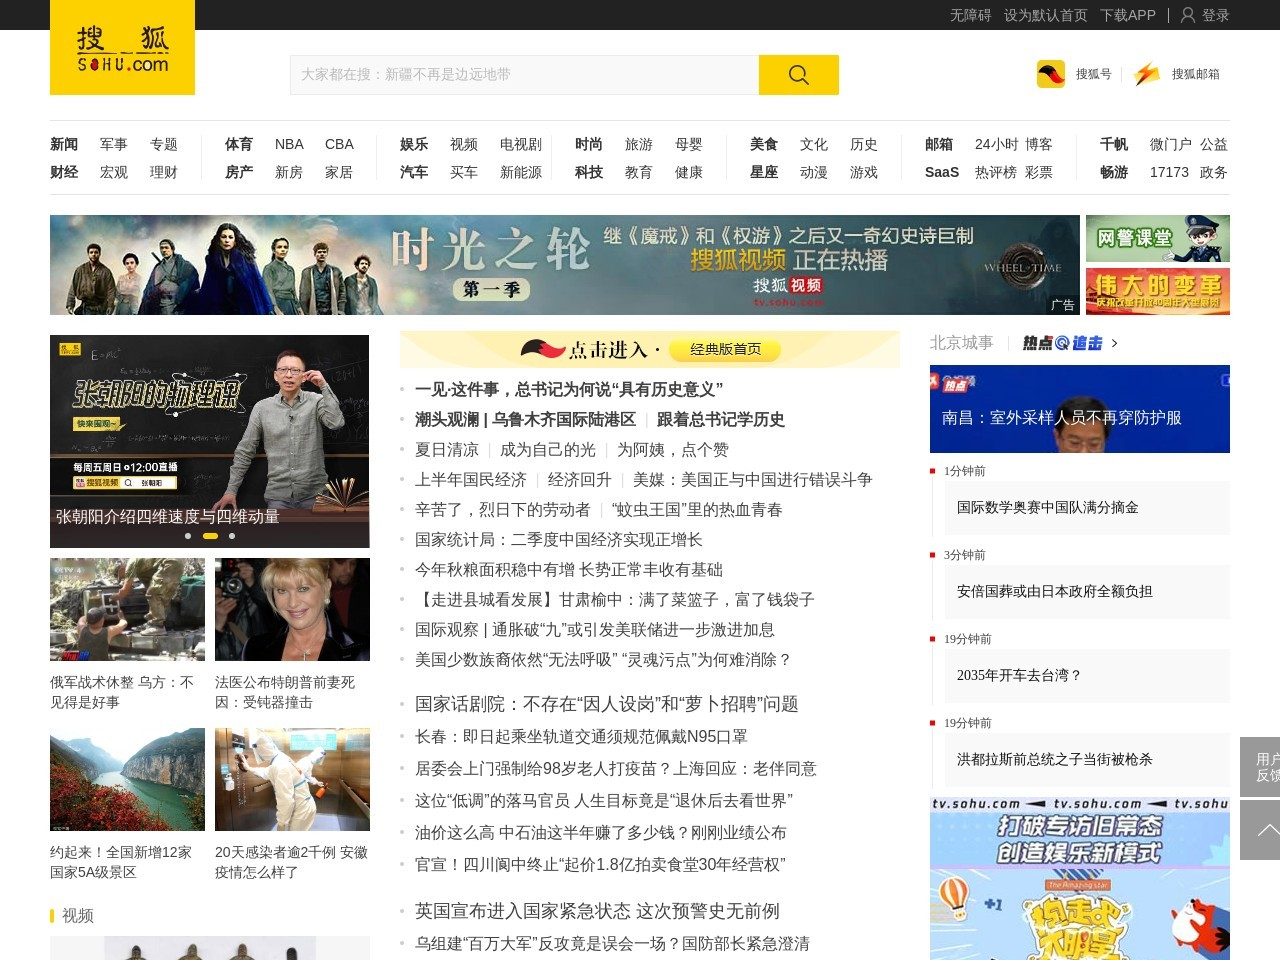 海南:计划在海口建设全球消费精品中心项目_中国